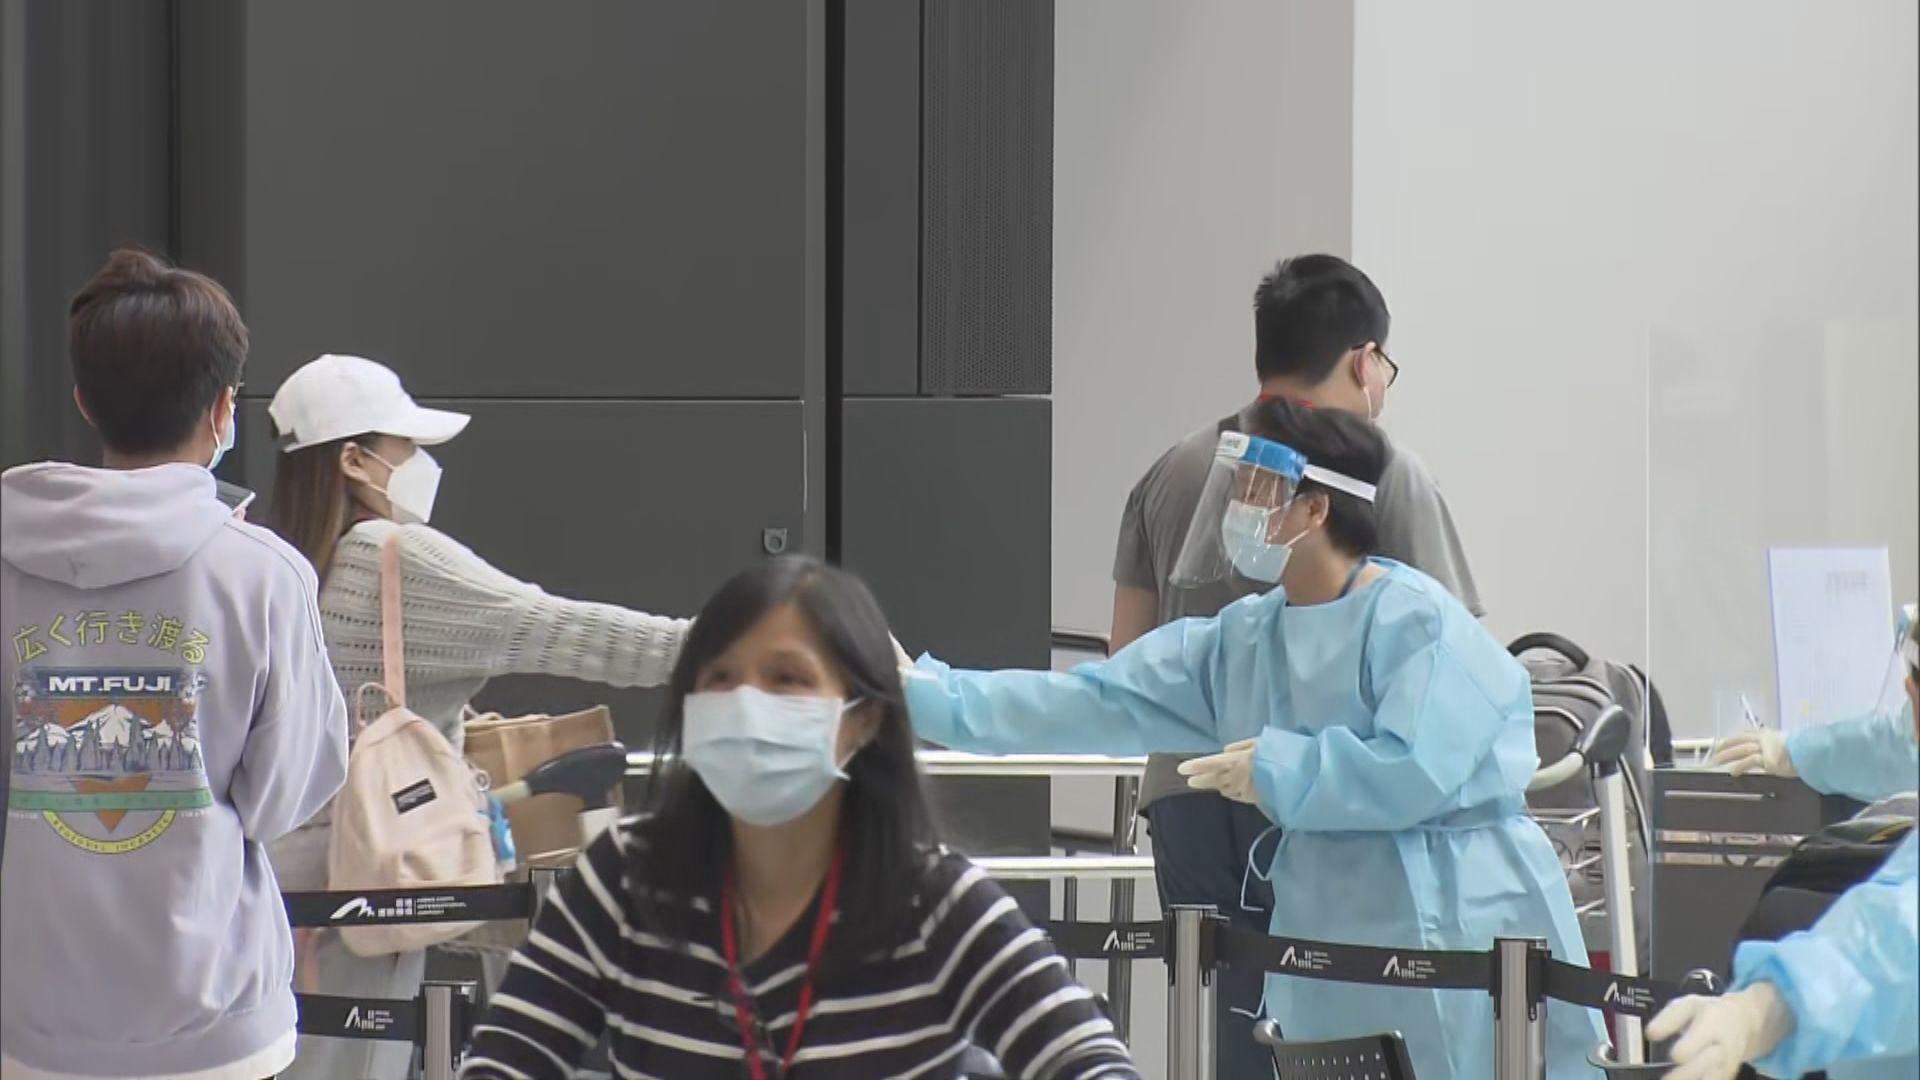 與抵港人士接觸人員強制接種新冠疫苗